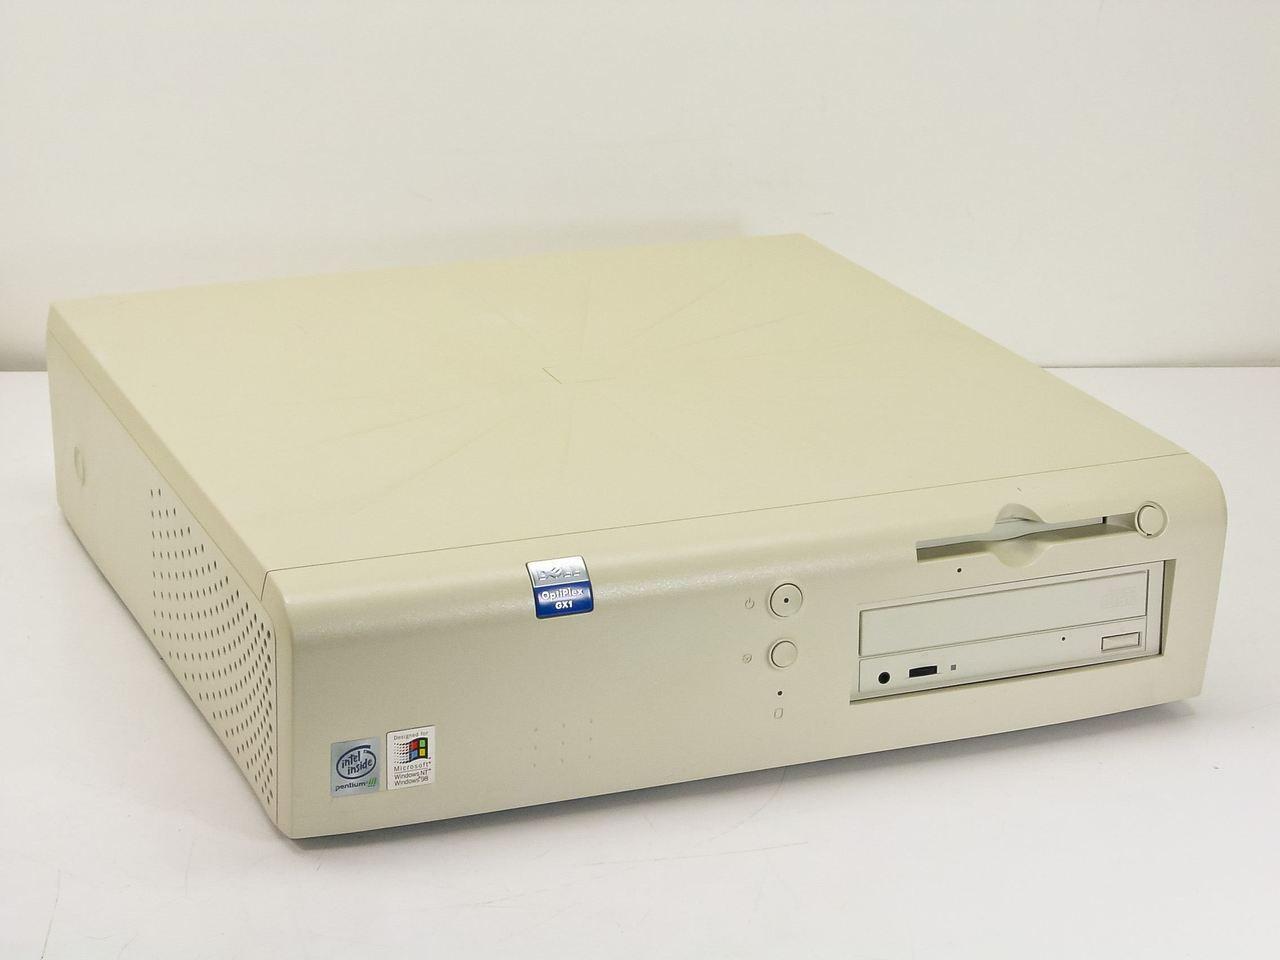 Dell Optiplex GX1 PIII 450MHz, 128MB RAM, Desktop PC ...